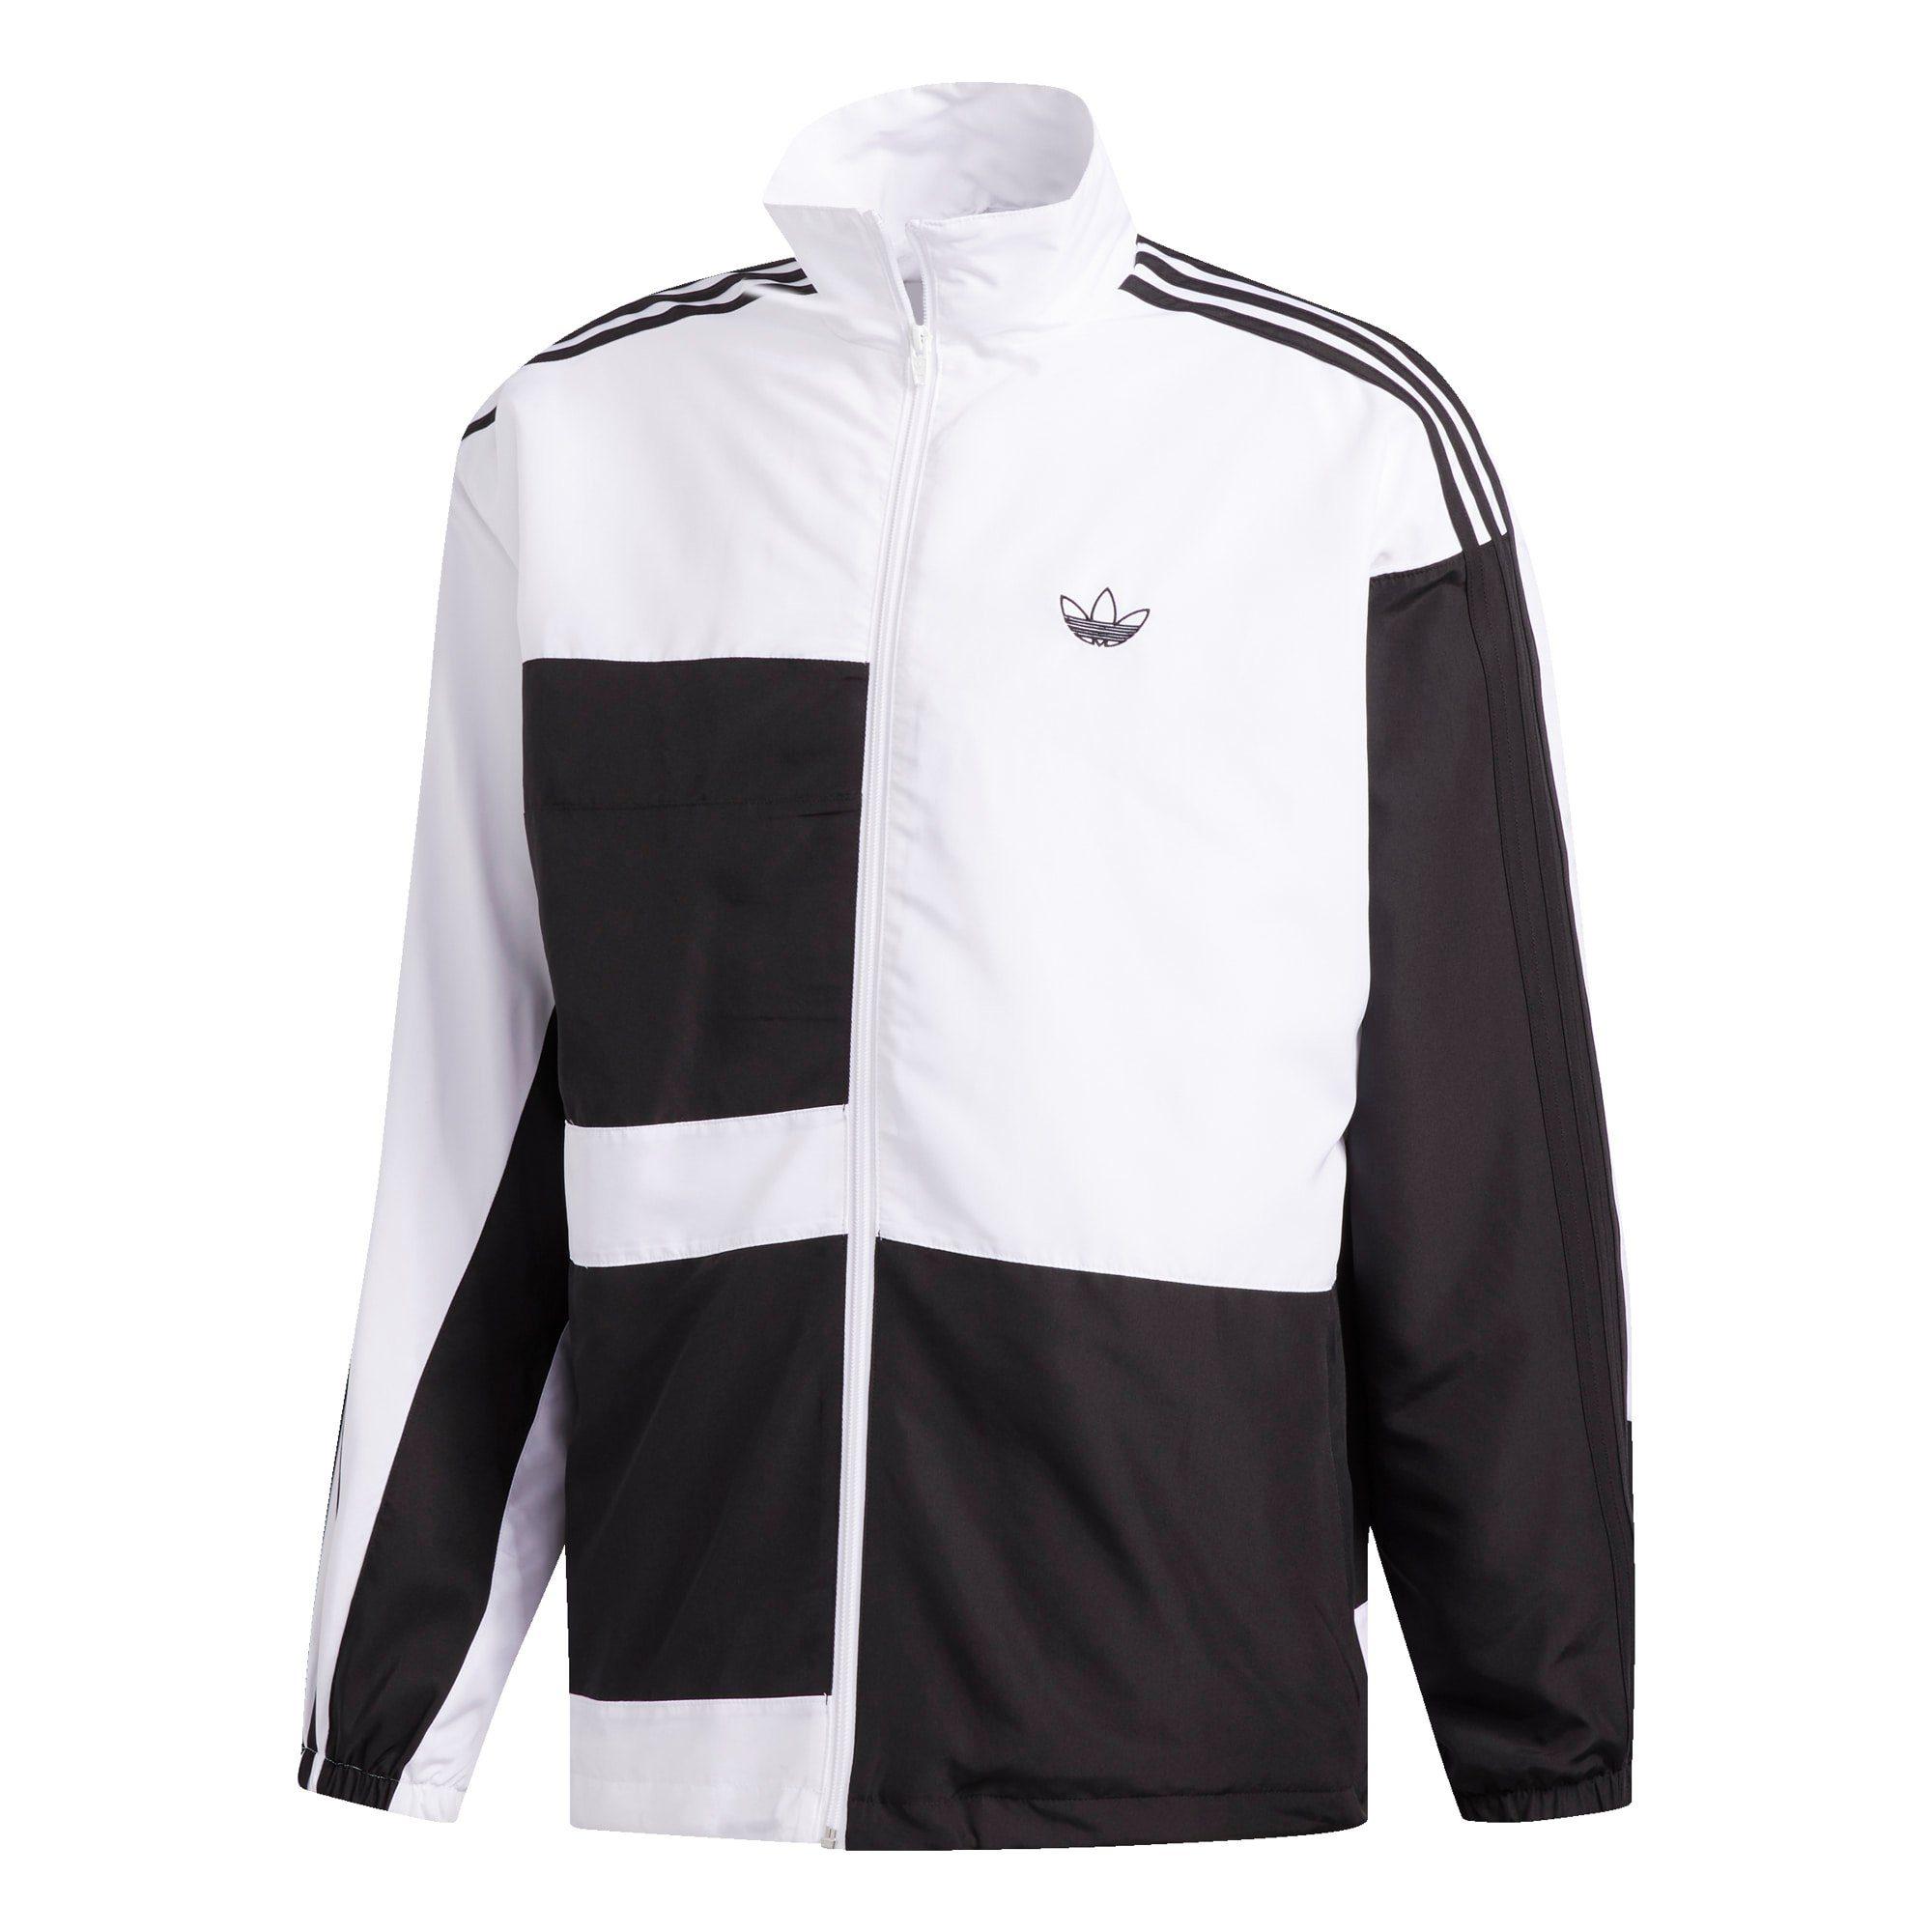 college jacke adidas schwarz weiß